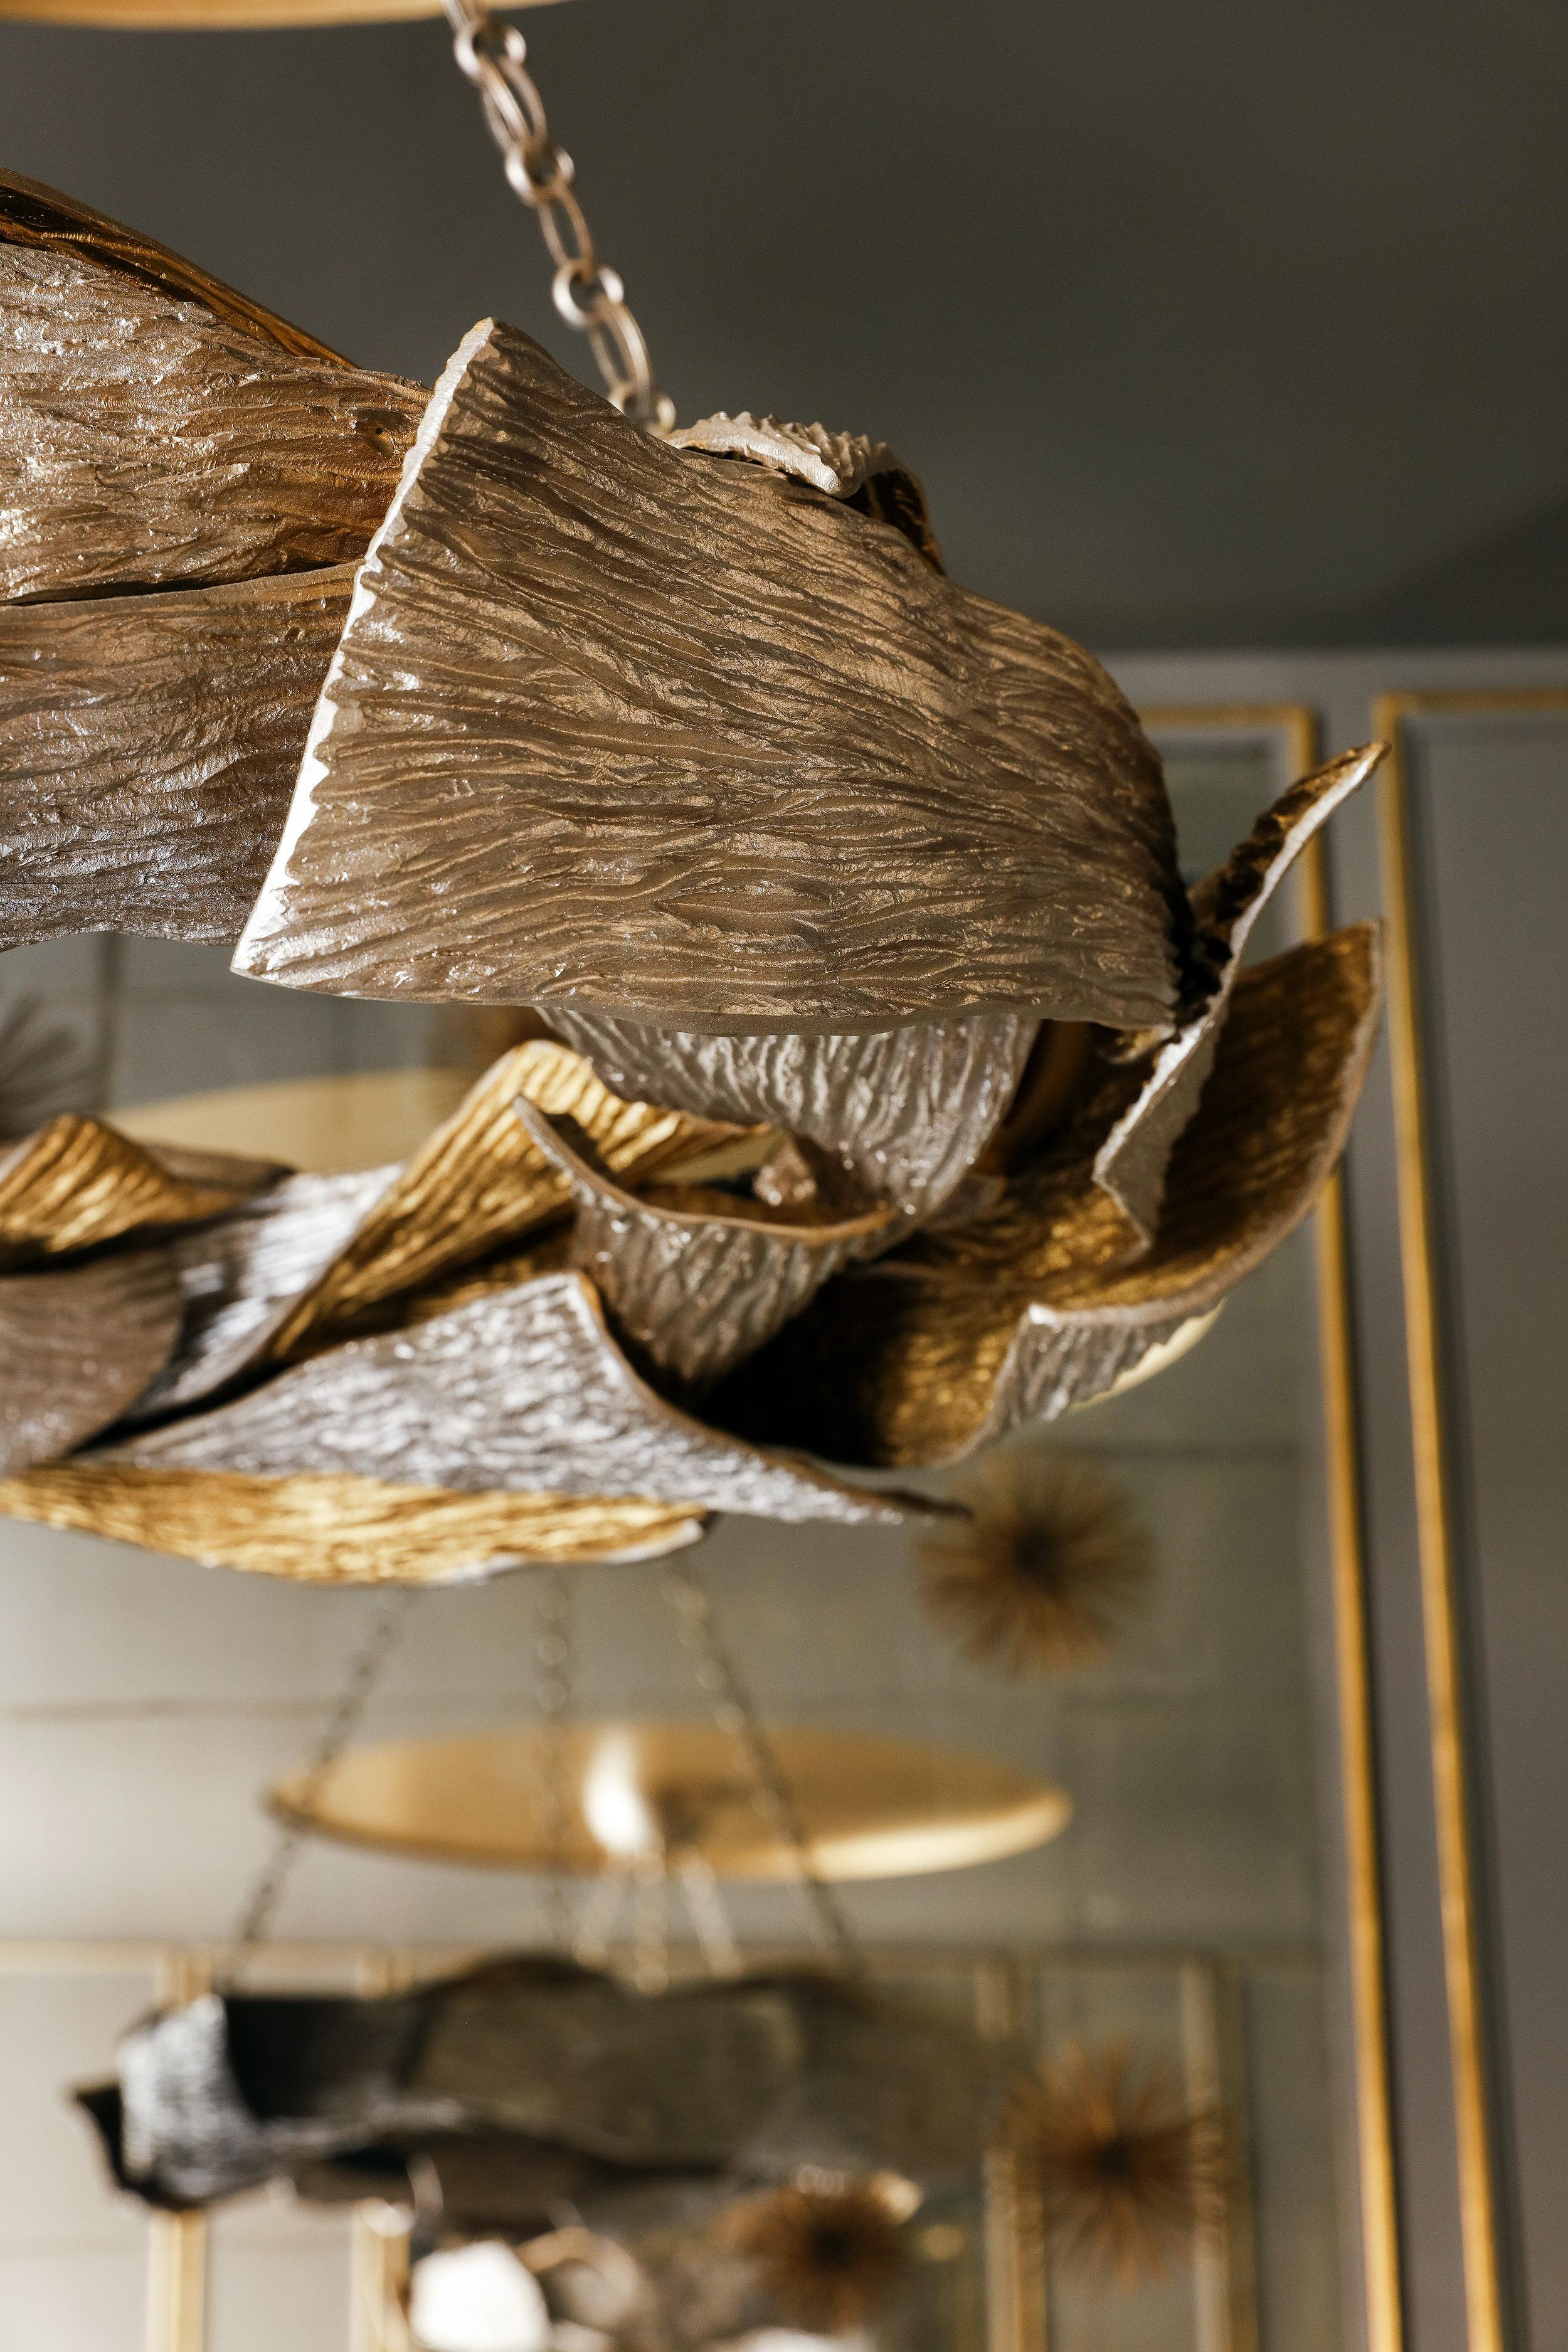 """DETAILS - """"The details are perfection and perfection is not a detail..""""-Léonard de Vinci"""